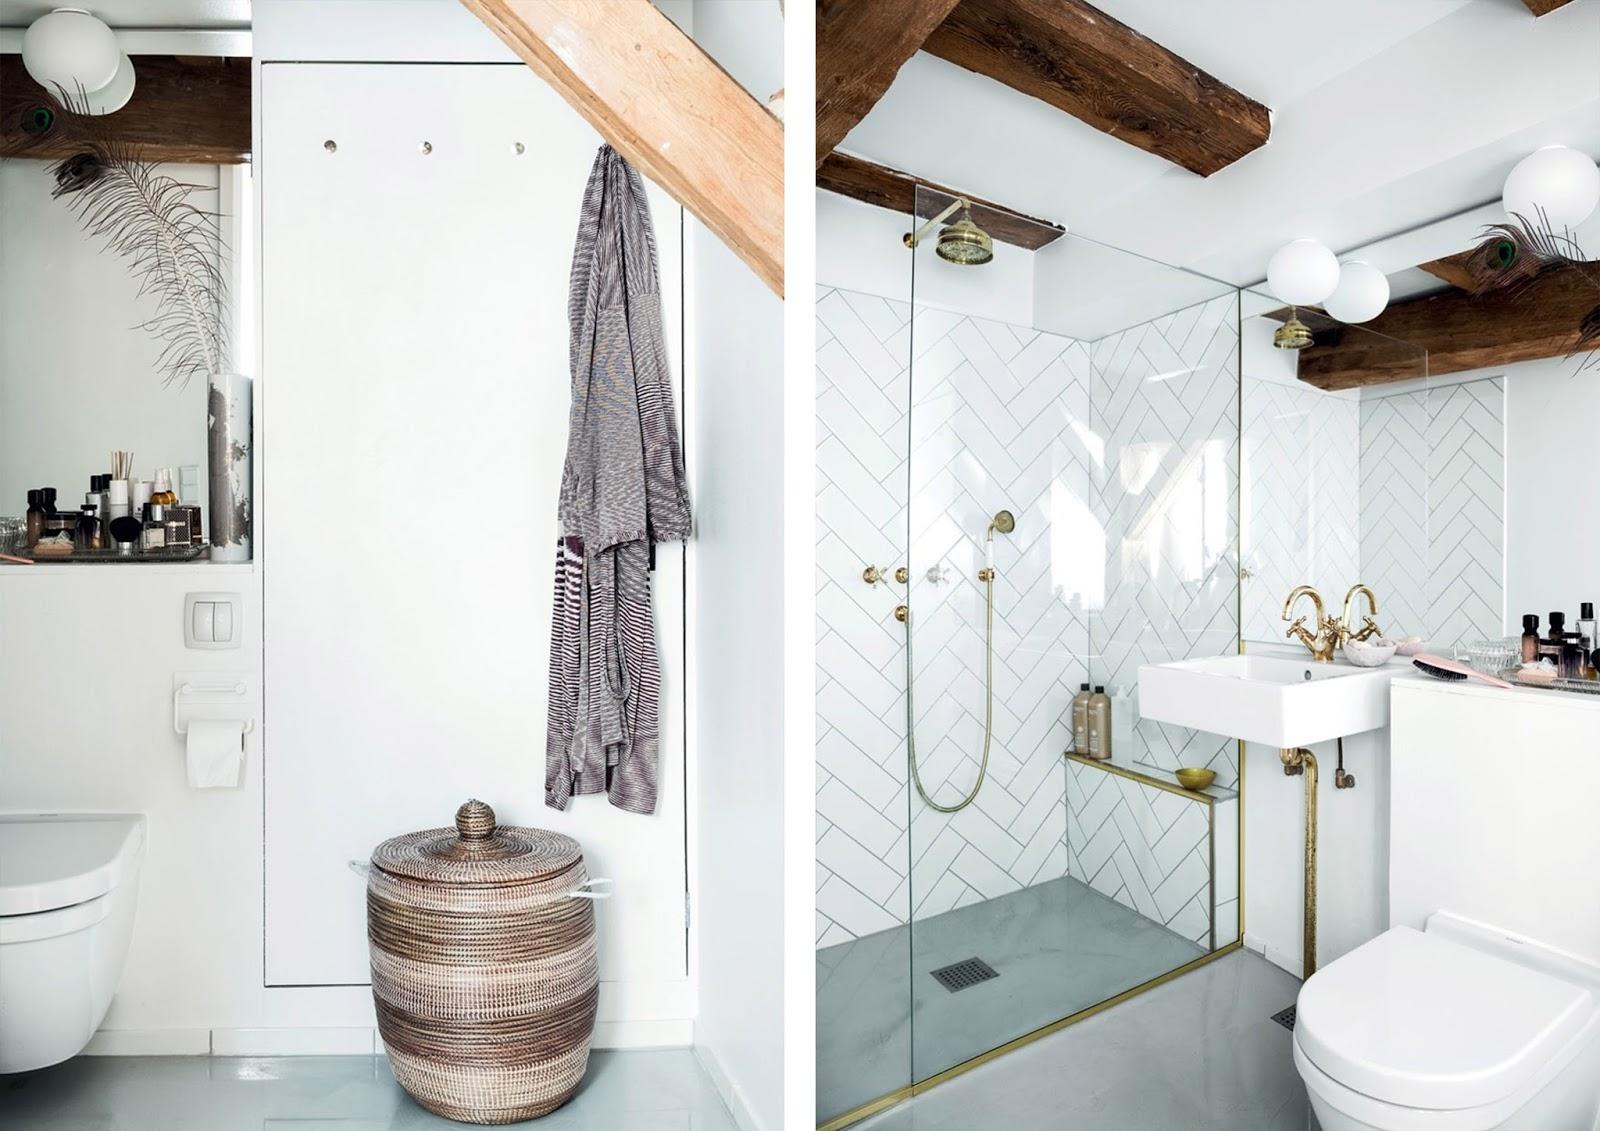 Lampadari Per Soffitti Con Travi In Legno : Soffitto travi legno soffitto in legno lamellare interesting